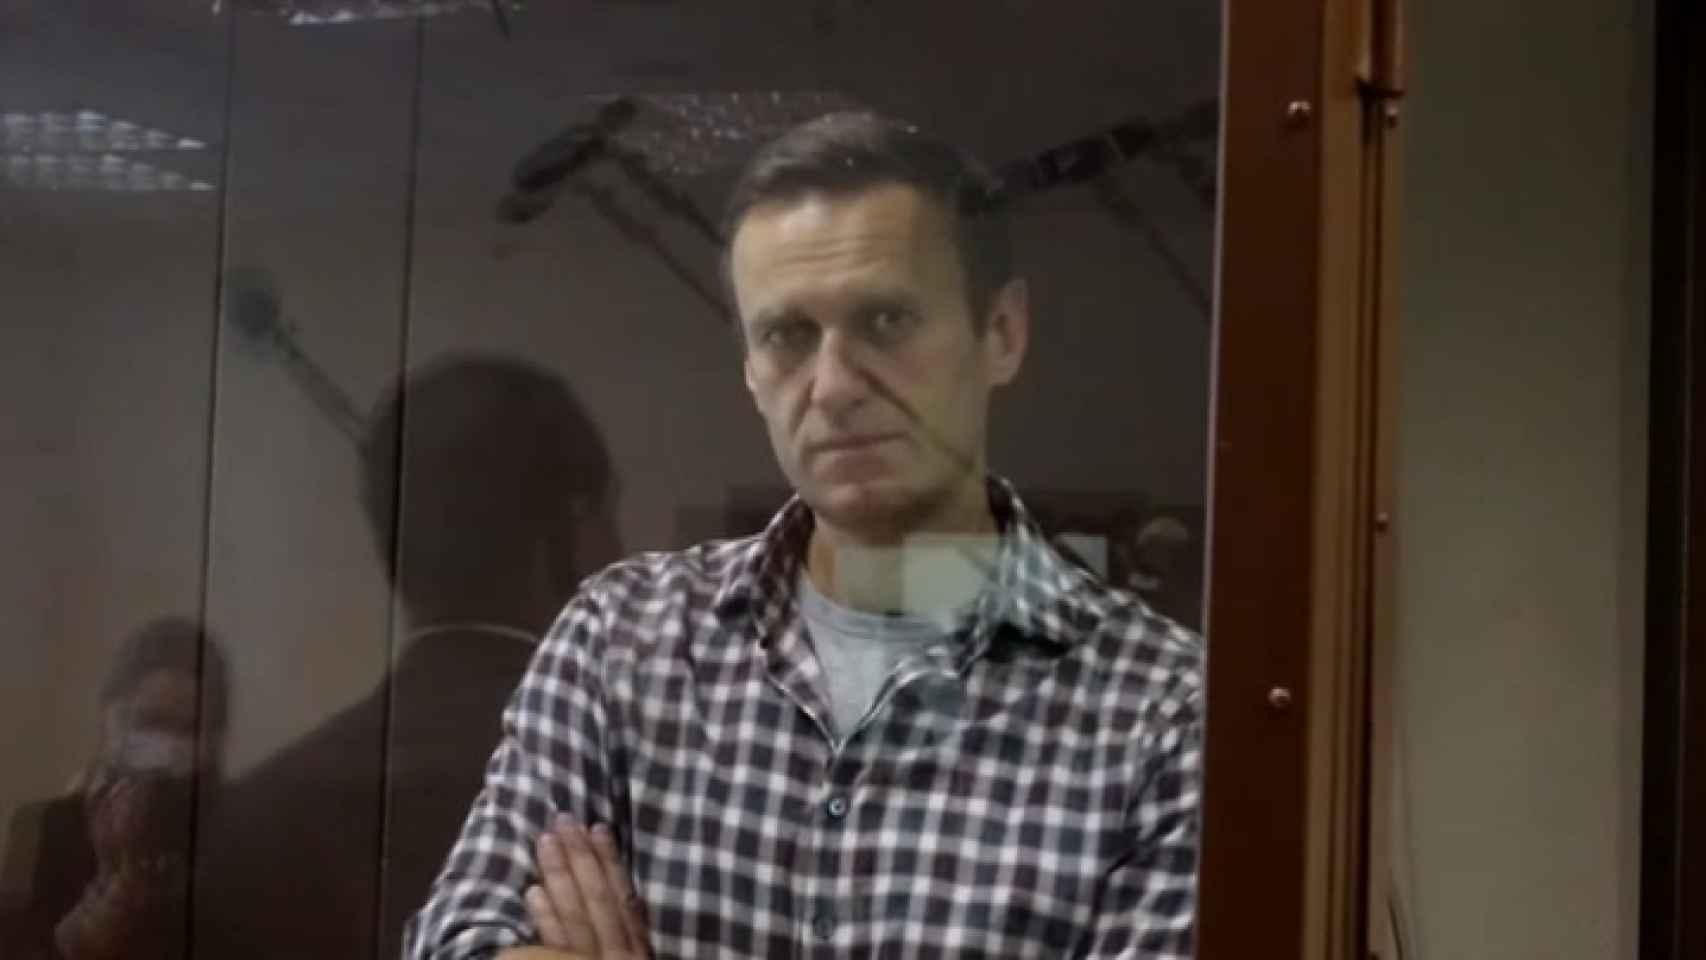 El Tribunal ruso rechaza la apelación a la pena de prisión dictada contra Alexéi Navalny